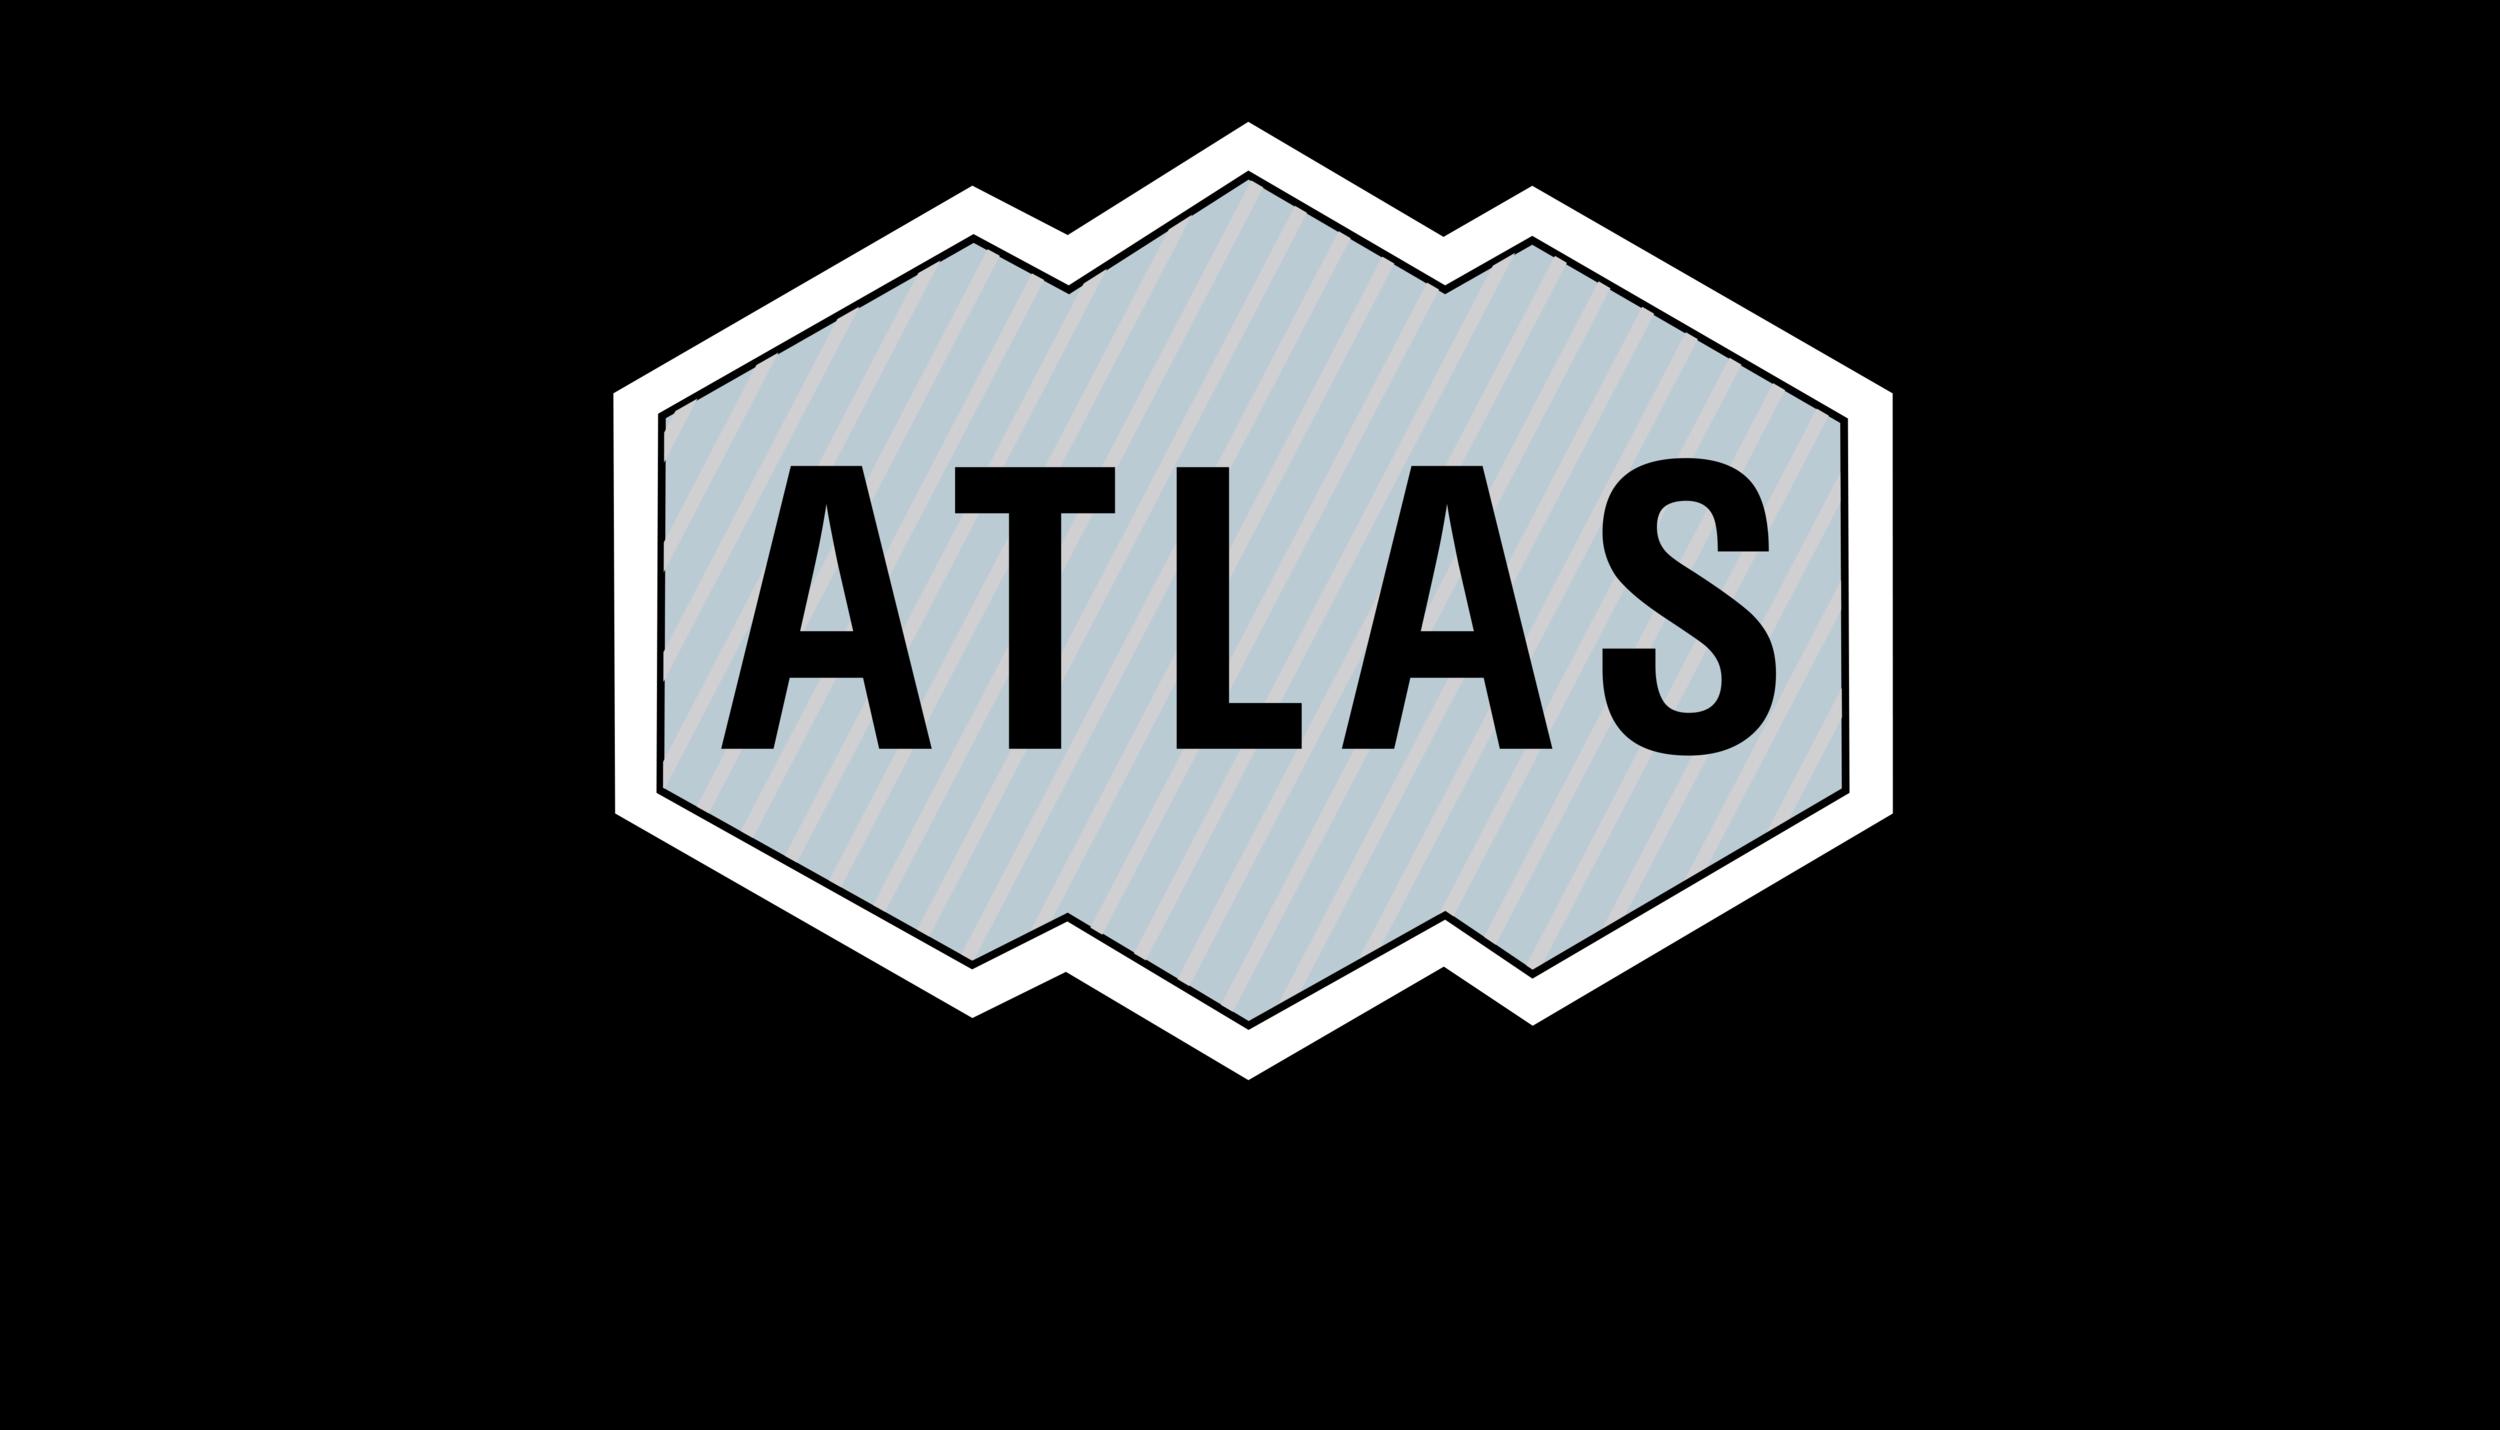 ATLAS-FINAL-LOGO-black.png